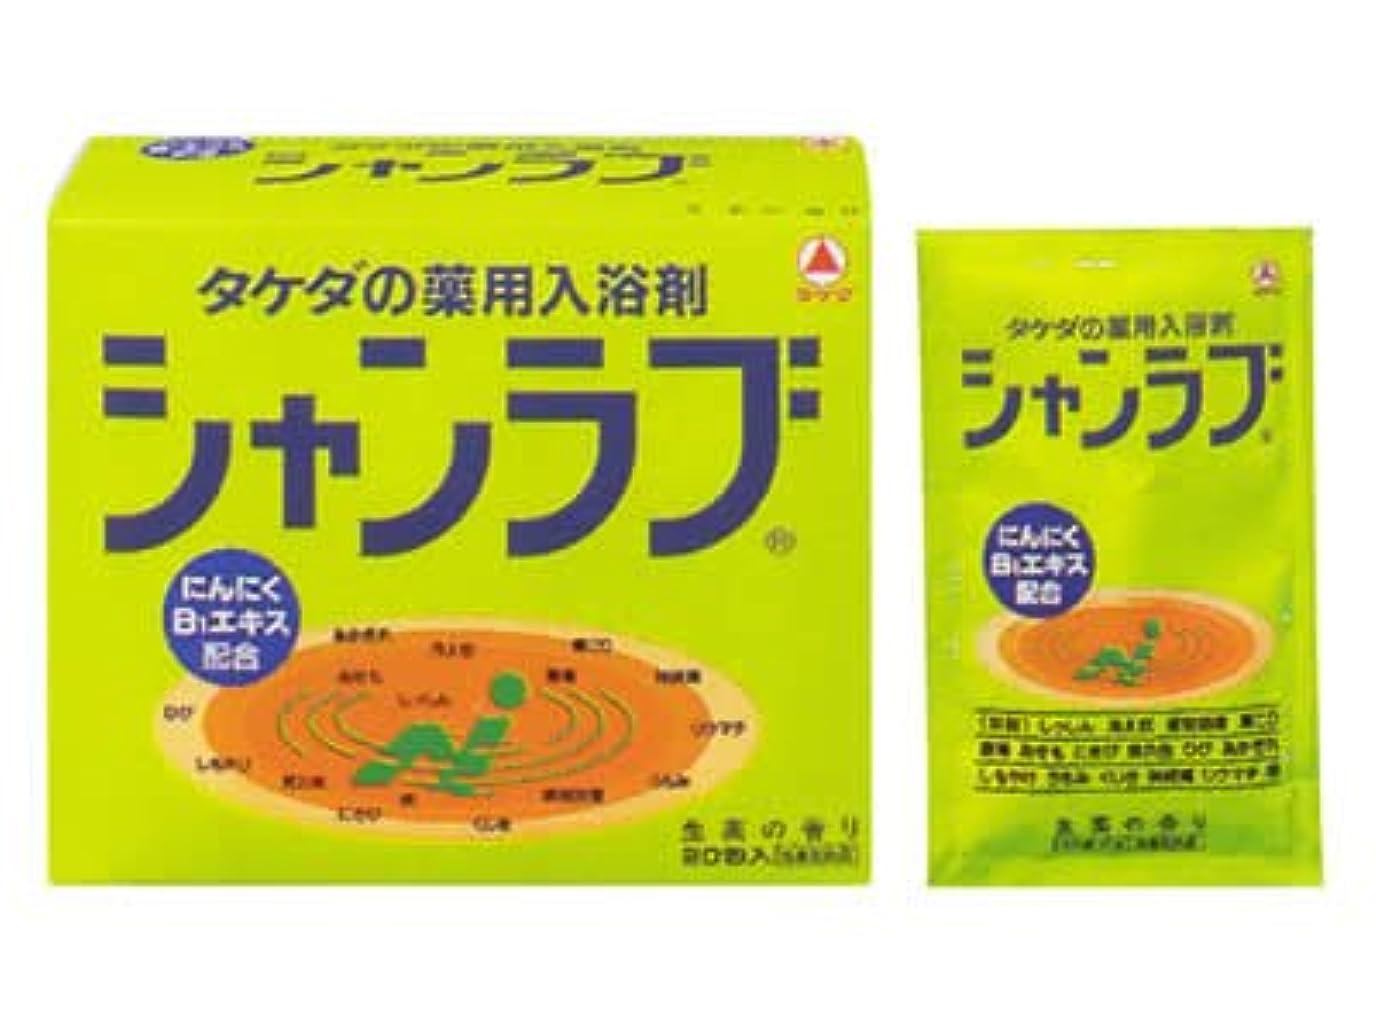 鋼欠如ダンプ武田コンシューマーヘルスケア シャンラブ 生薬の香り 20包